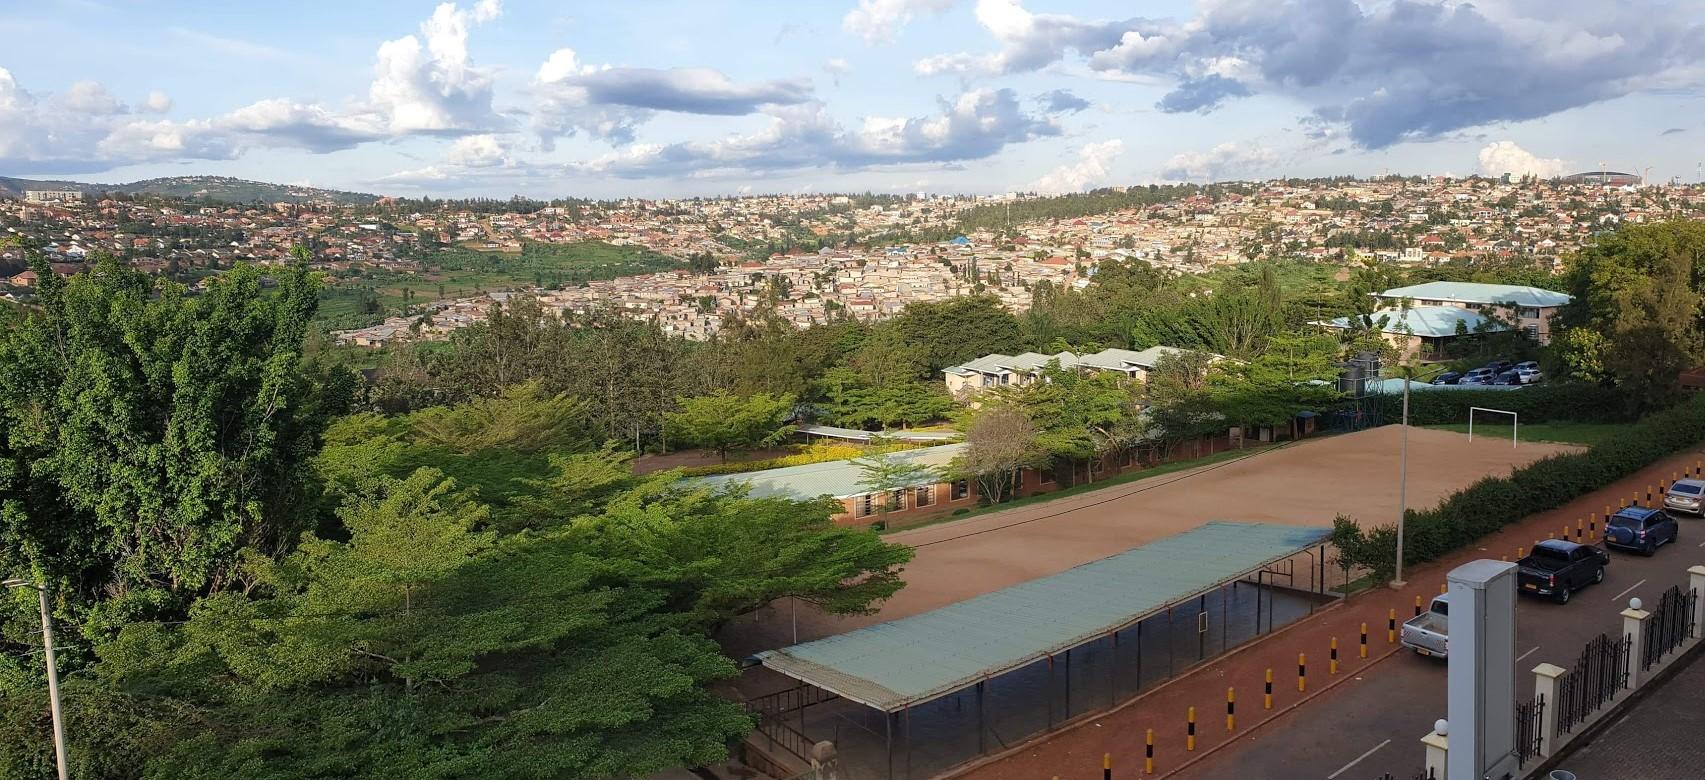 Coffee in Kigali